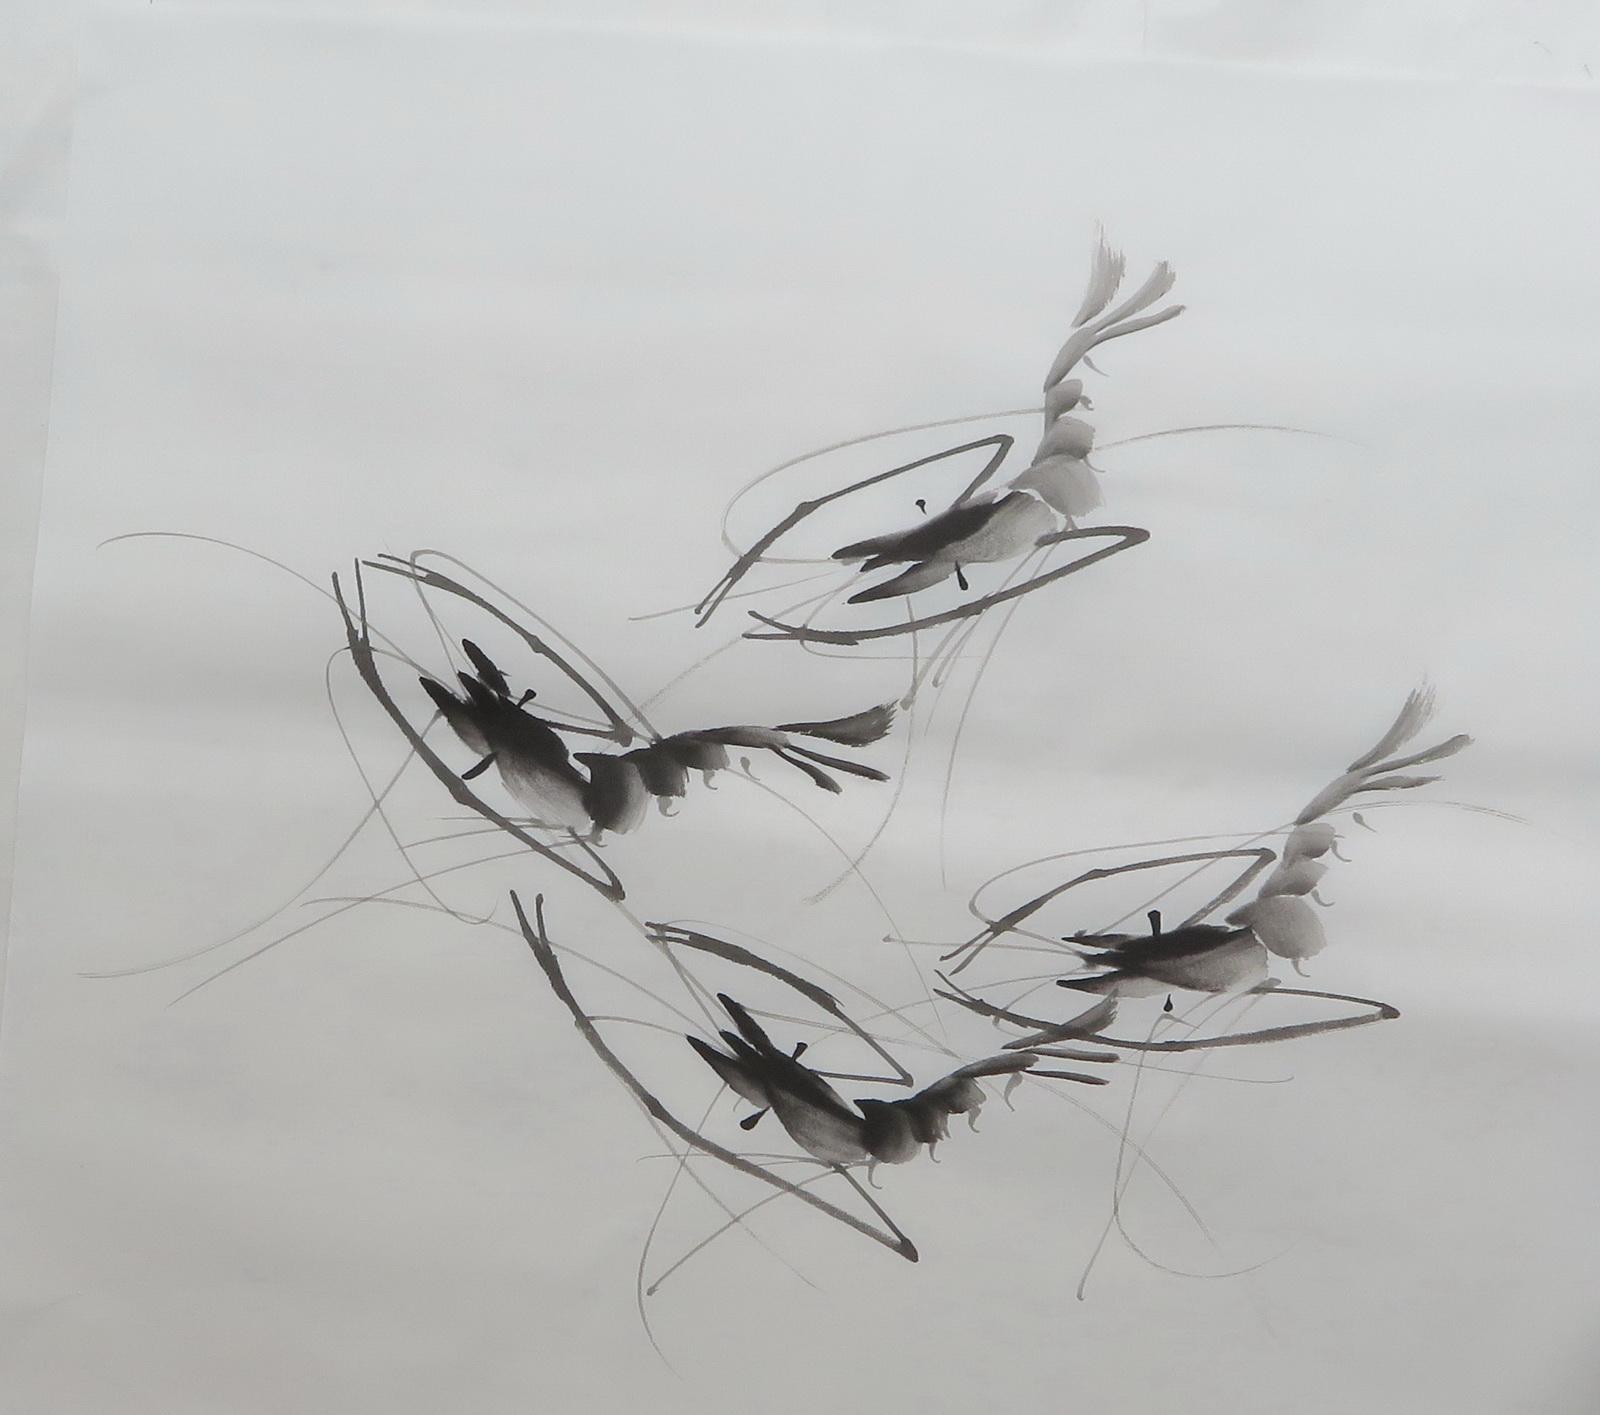 QG7100862芯特价三尺斗方水墨无款画虾客厅装饰字画花鸟国画